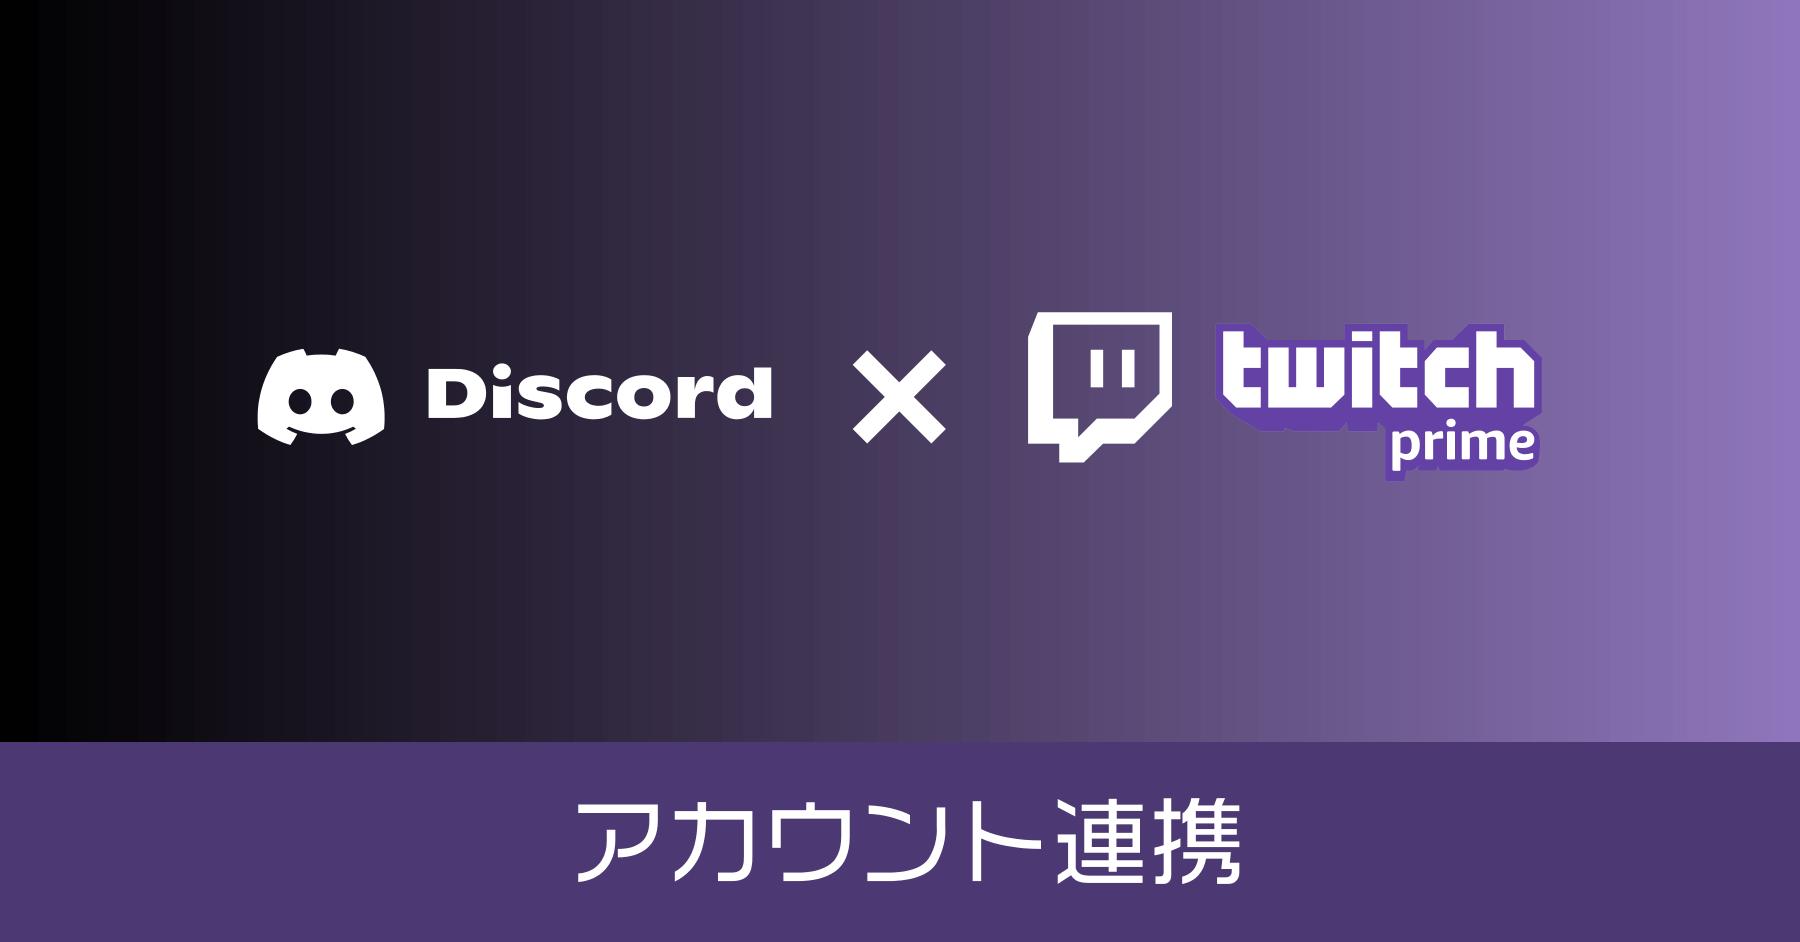 Discord と Twitch のアカウントを連携させる方法